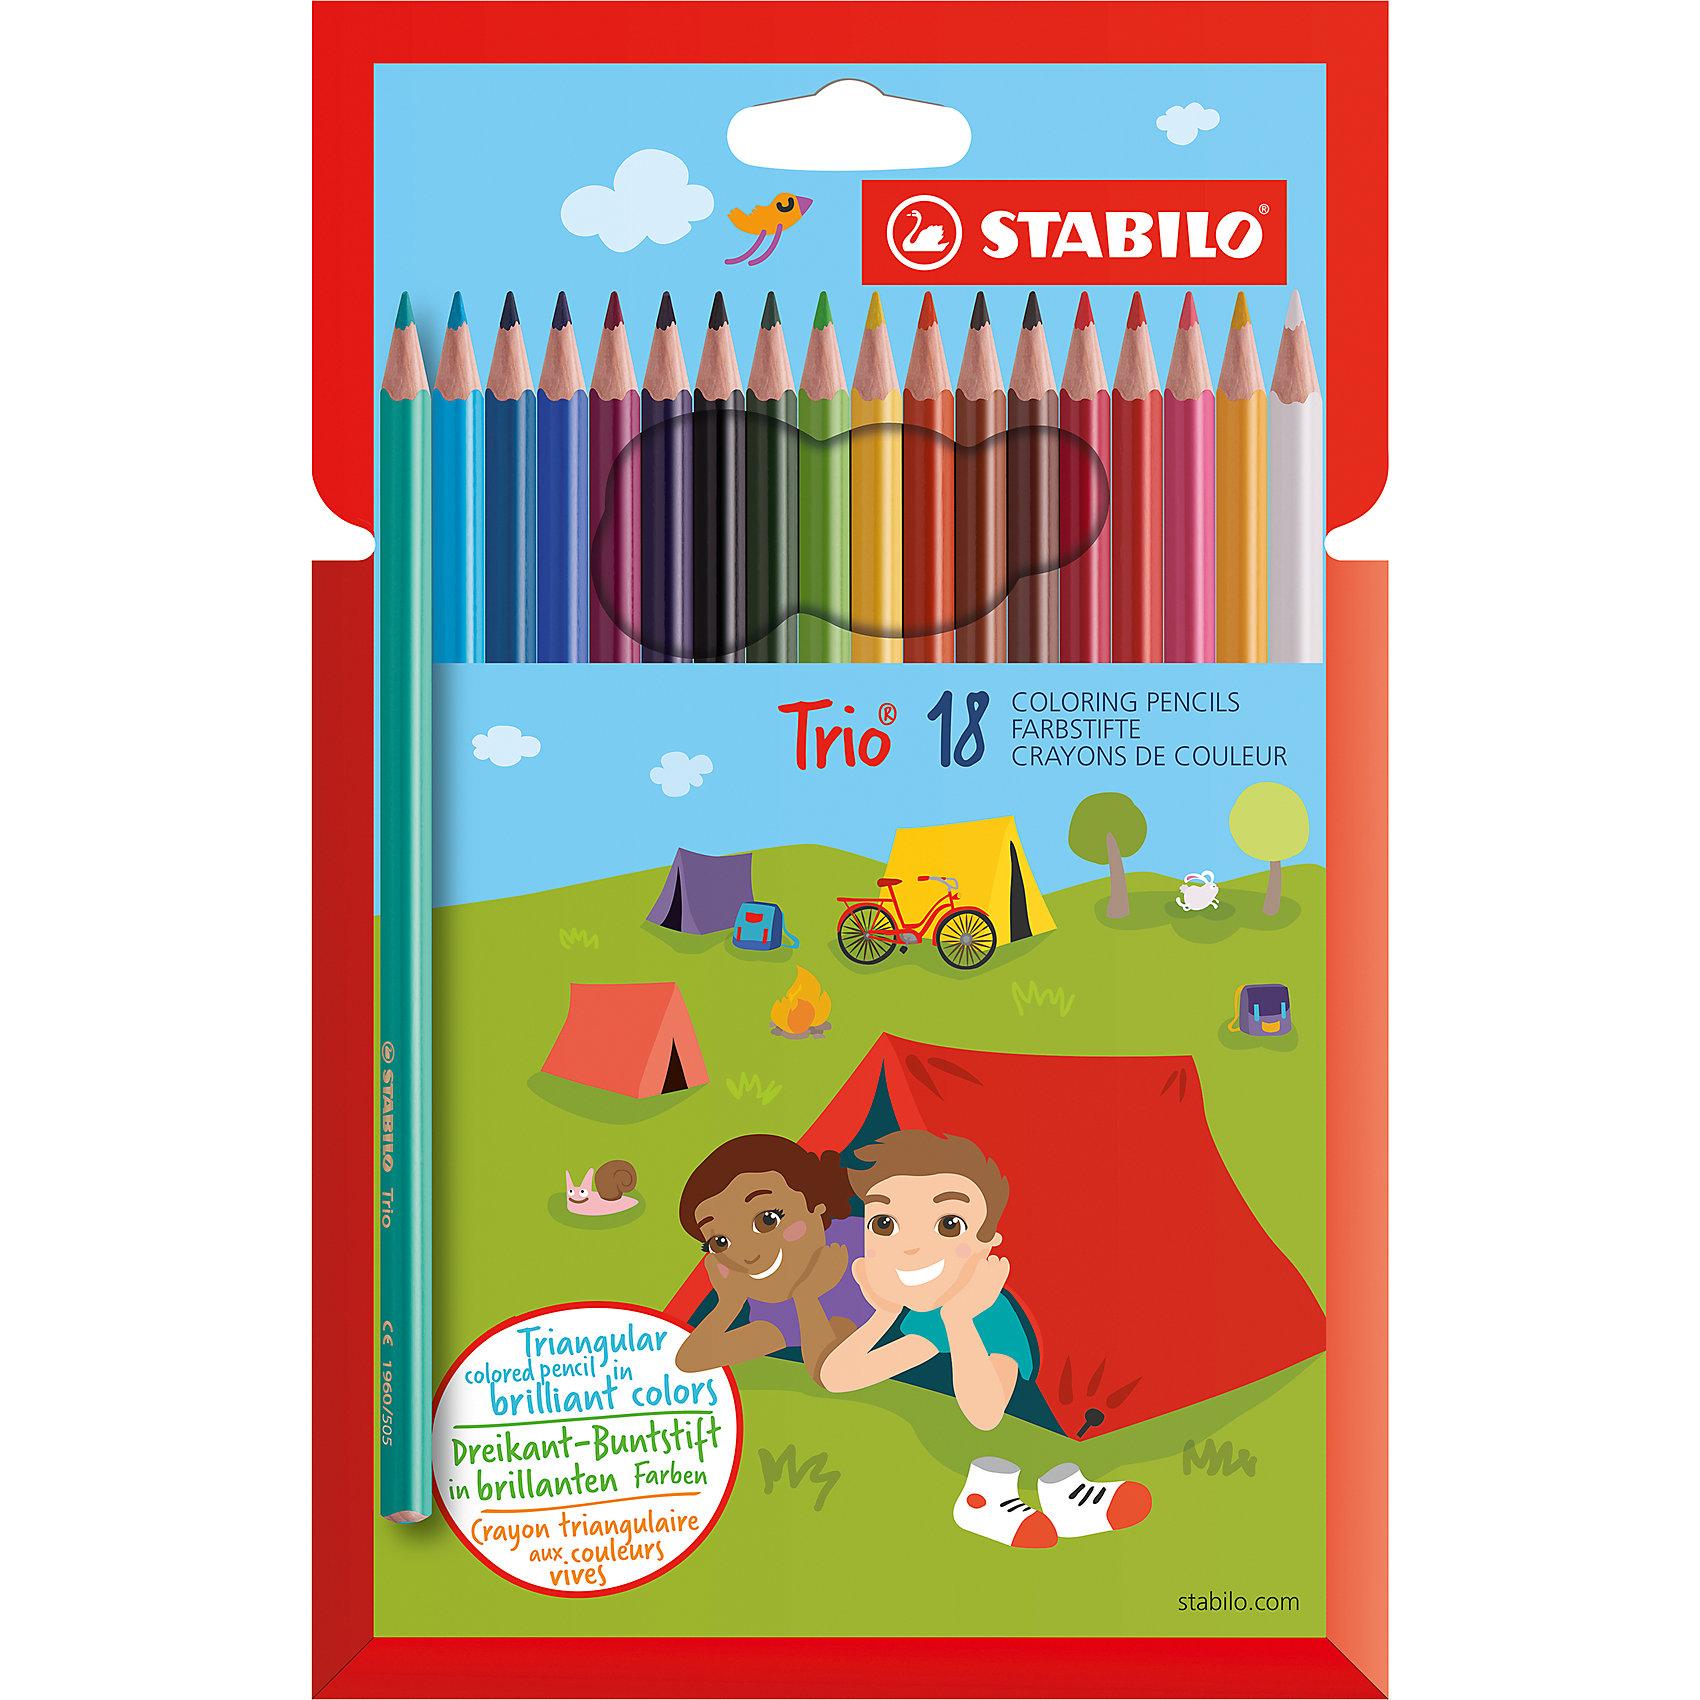 Карандаши цветные 18цв TRIOРисование<br>Характеристики:<br><br>• возраст: от 3 лет<br>• в наборе: 18 цветных карандашей<br>• длина: 17,5 см.<br>• диаметр: 7 мм.<br>• трехгранный корпус<br>• материал корпуса: древесина<br>• упаковка: картонный футляр<br>• размер упаковки: 17,5х13,5х1 см.<br><br>Карандаши трехгранной формы особенно удобны для детской руки, поэтому ребенок может долго рисовать без усталости. Карандаши не ломаются при рисовании и затачивании. Насыщенные цвета имеют высокую светостойкость. Цвета отлично смешиваются и позволяют создать огромное количество оттенков.<br><br>Карандаши цветные 18цв TRIO можно купить в нашем интернет-магазине.<br><br>Ширина мм: 10<br>Глубина мм: 175<br>Высота мм: 135<br>Вес г: 100<br>Возраст от месяцев: 36<br>Возраст до месяцев: 2147483647<br>Пол: Унисекс<br>Возраст: Детский<br>SKU: 6873780